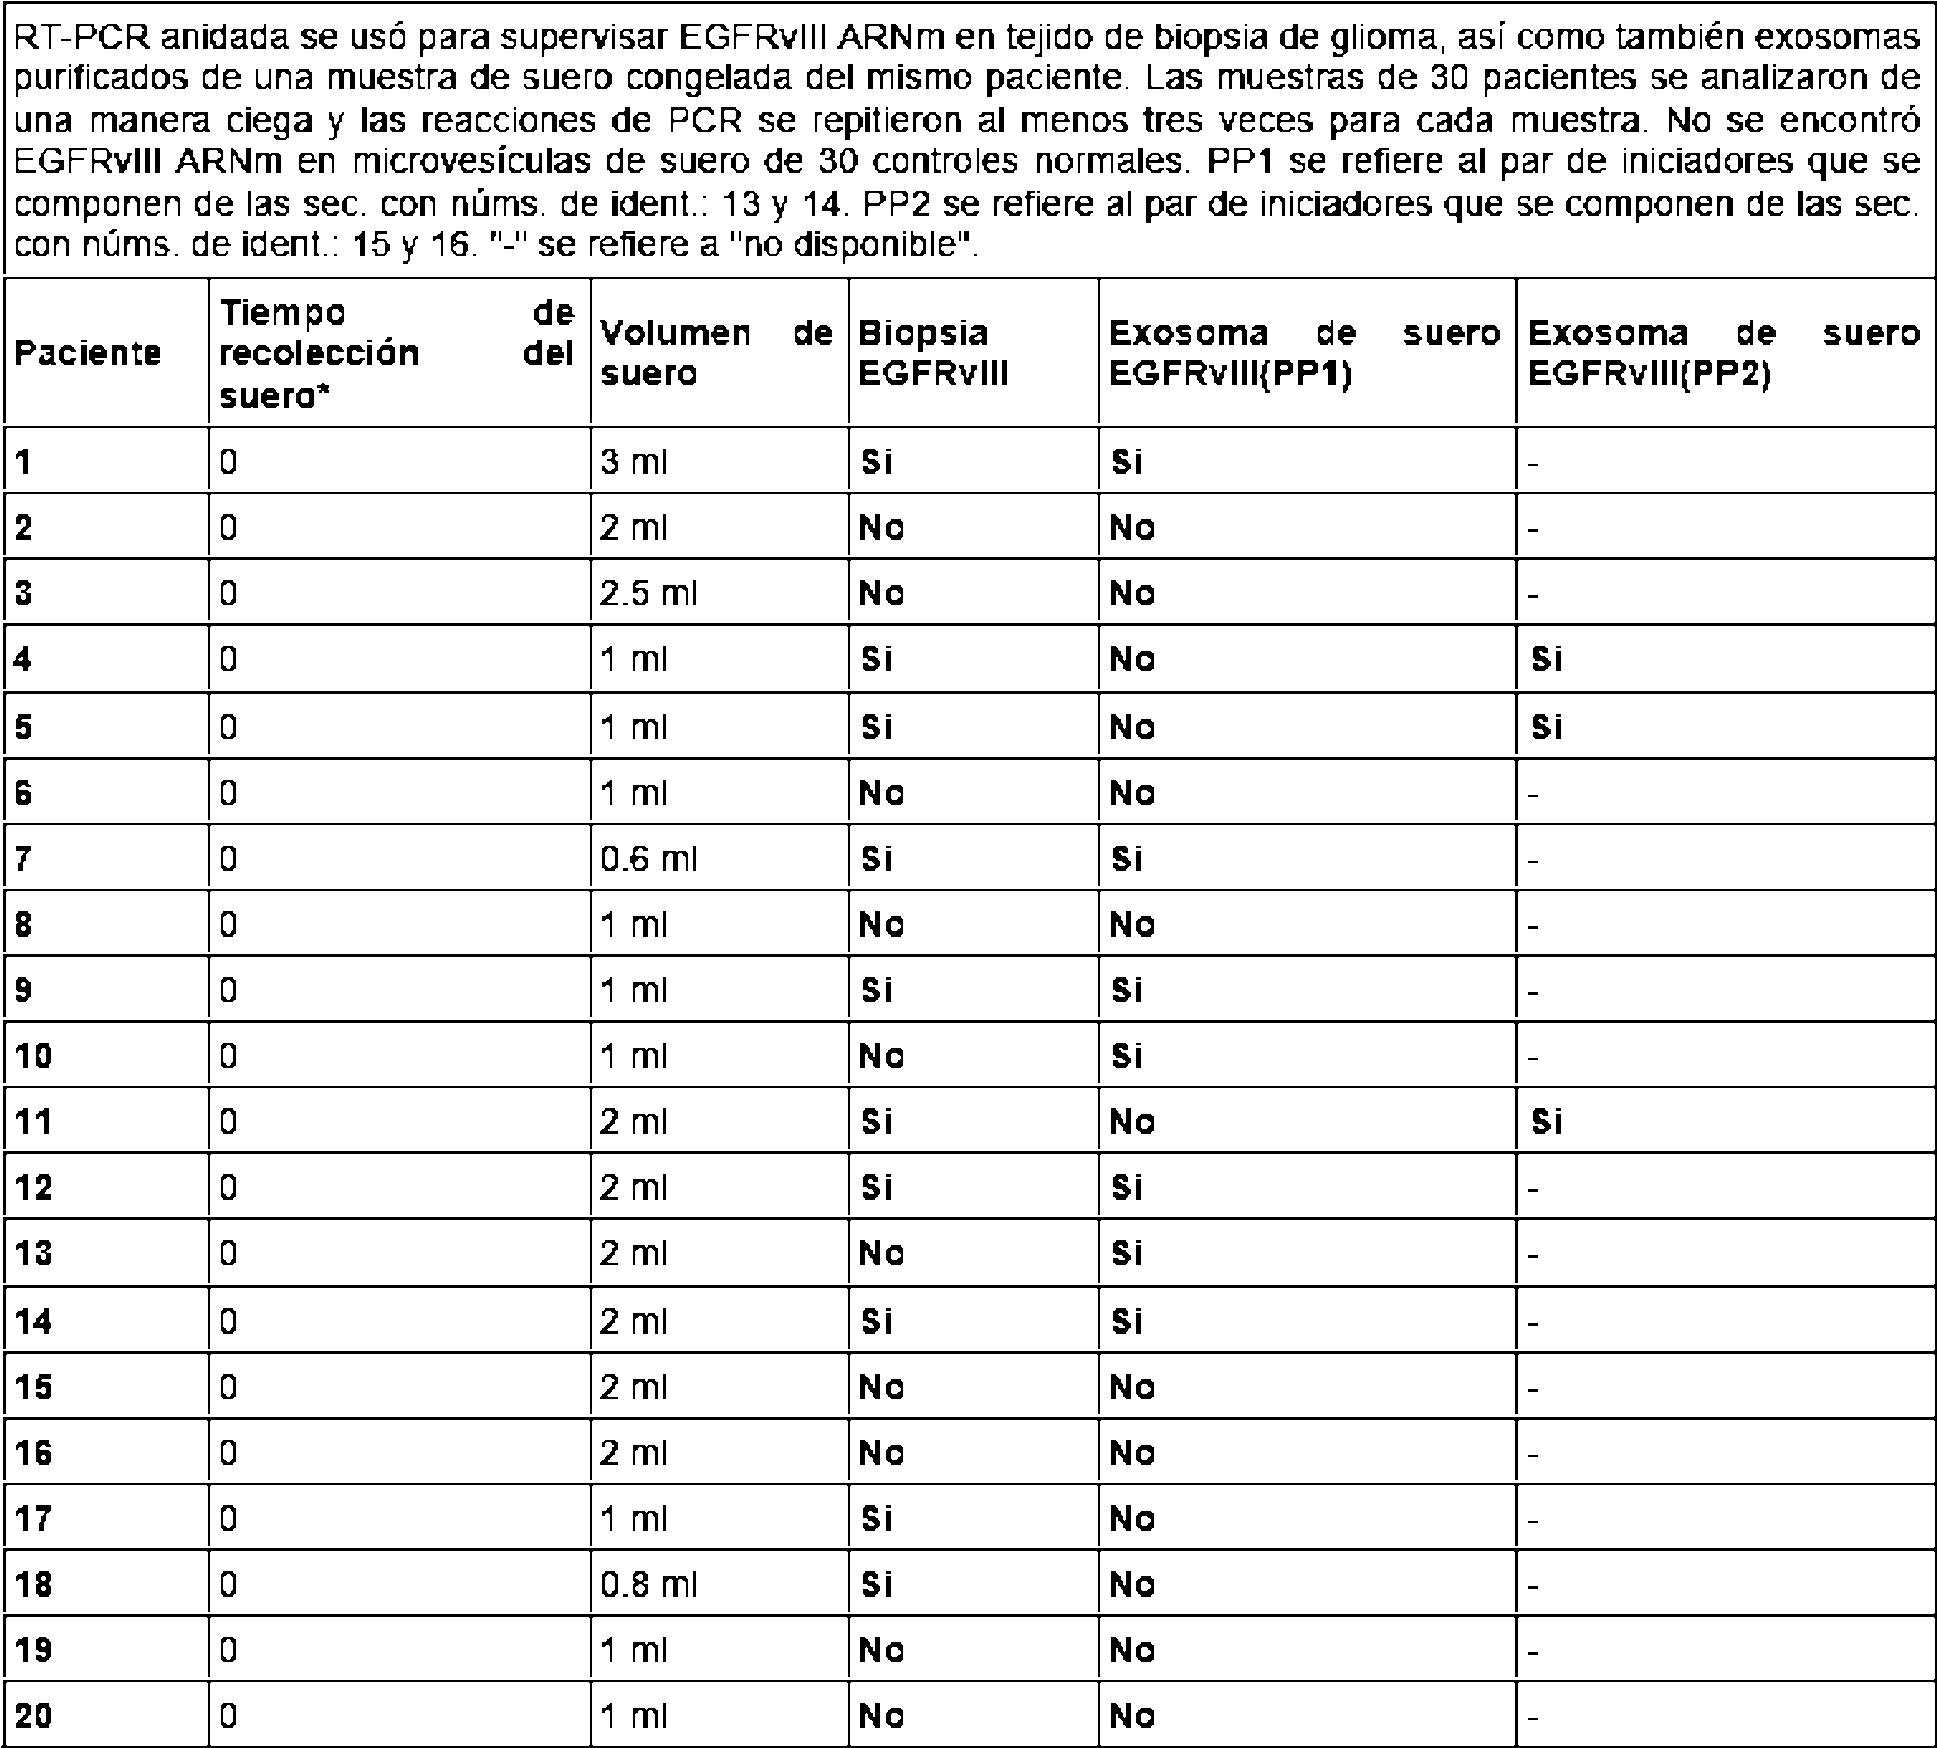 detección de próstata ulss 2 mayores de 50